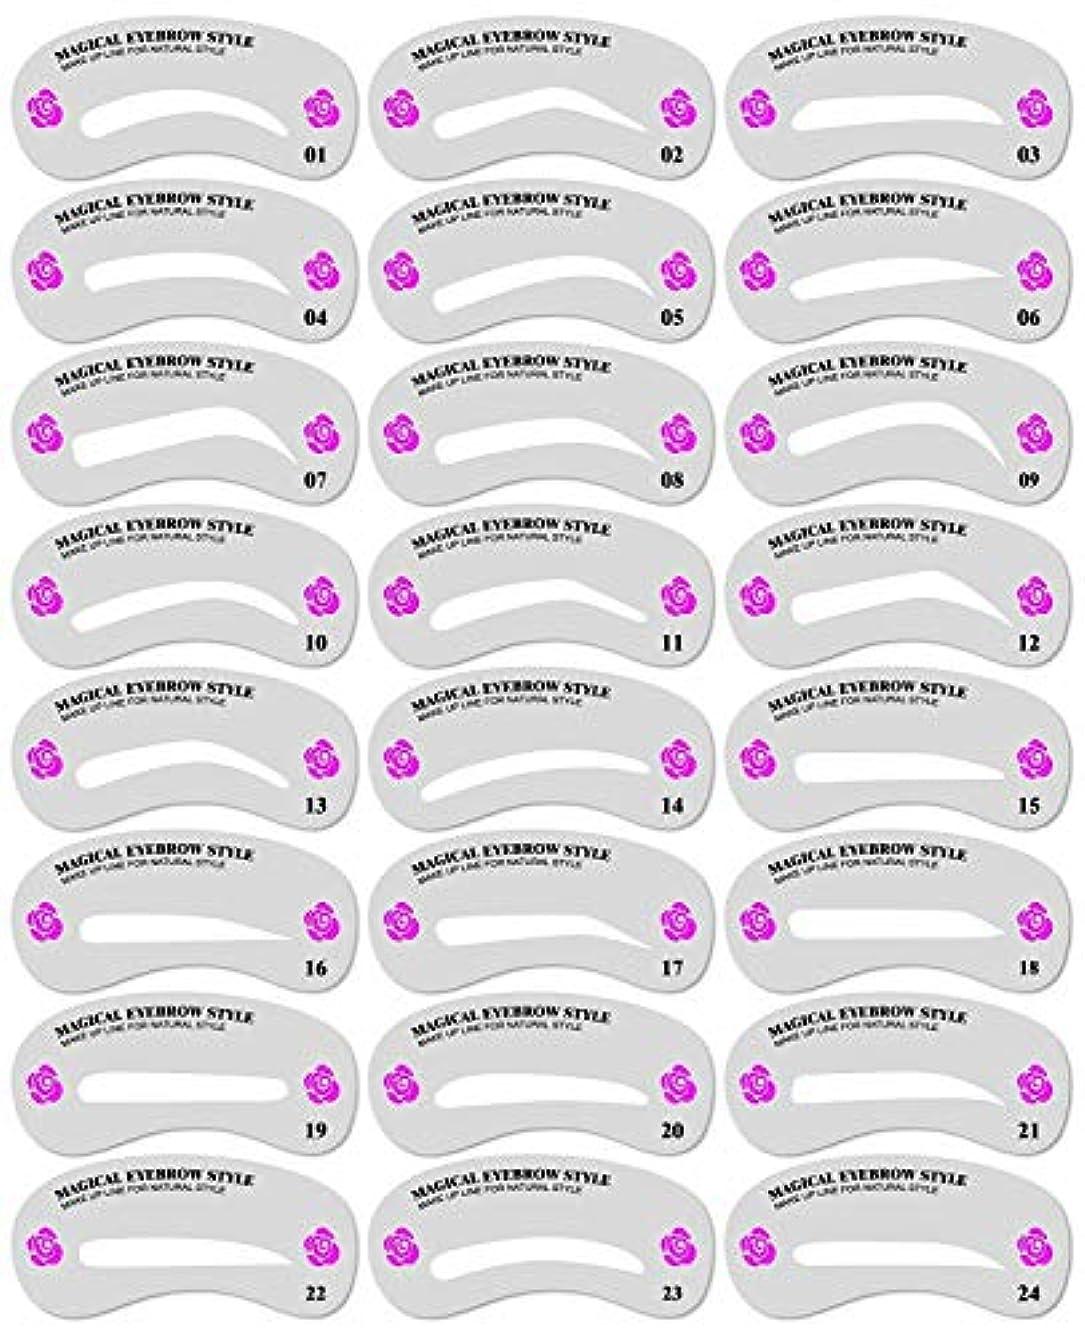 非常に怒っています権限を与える重要性Milent 眉毛テンプレート 24枚セット 24パターン メイク アップ アイブローテンプレート メイクアップ美容ツール 眉用ステンシル